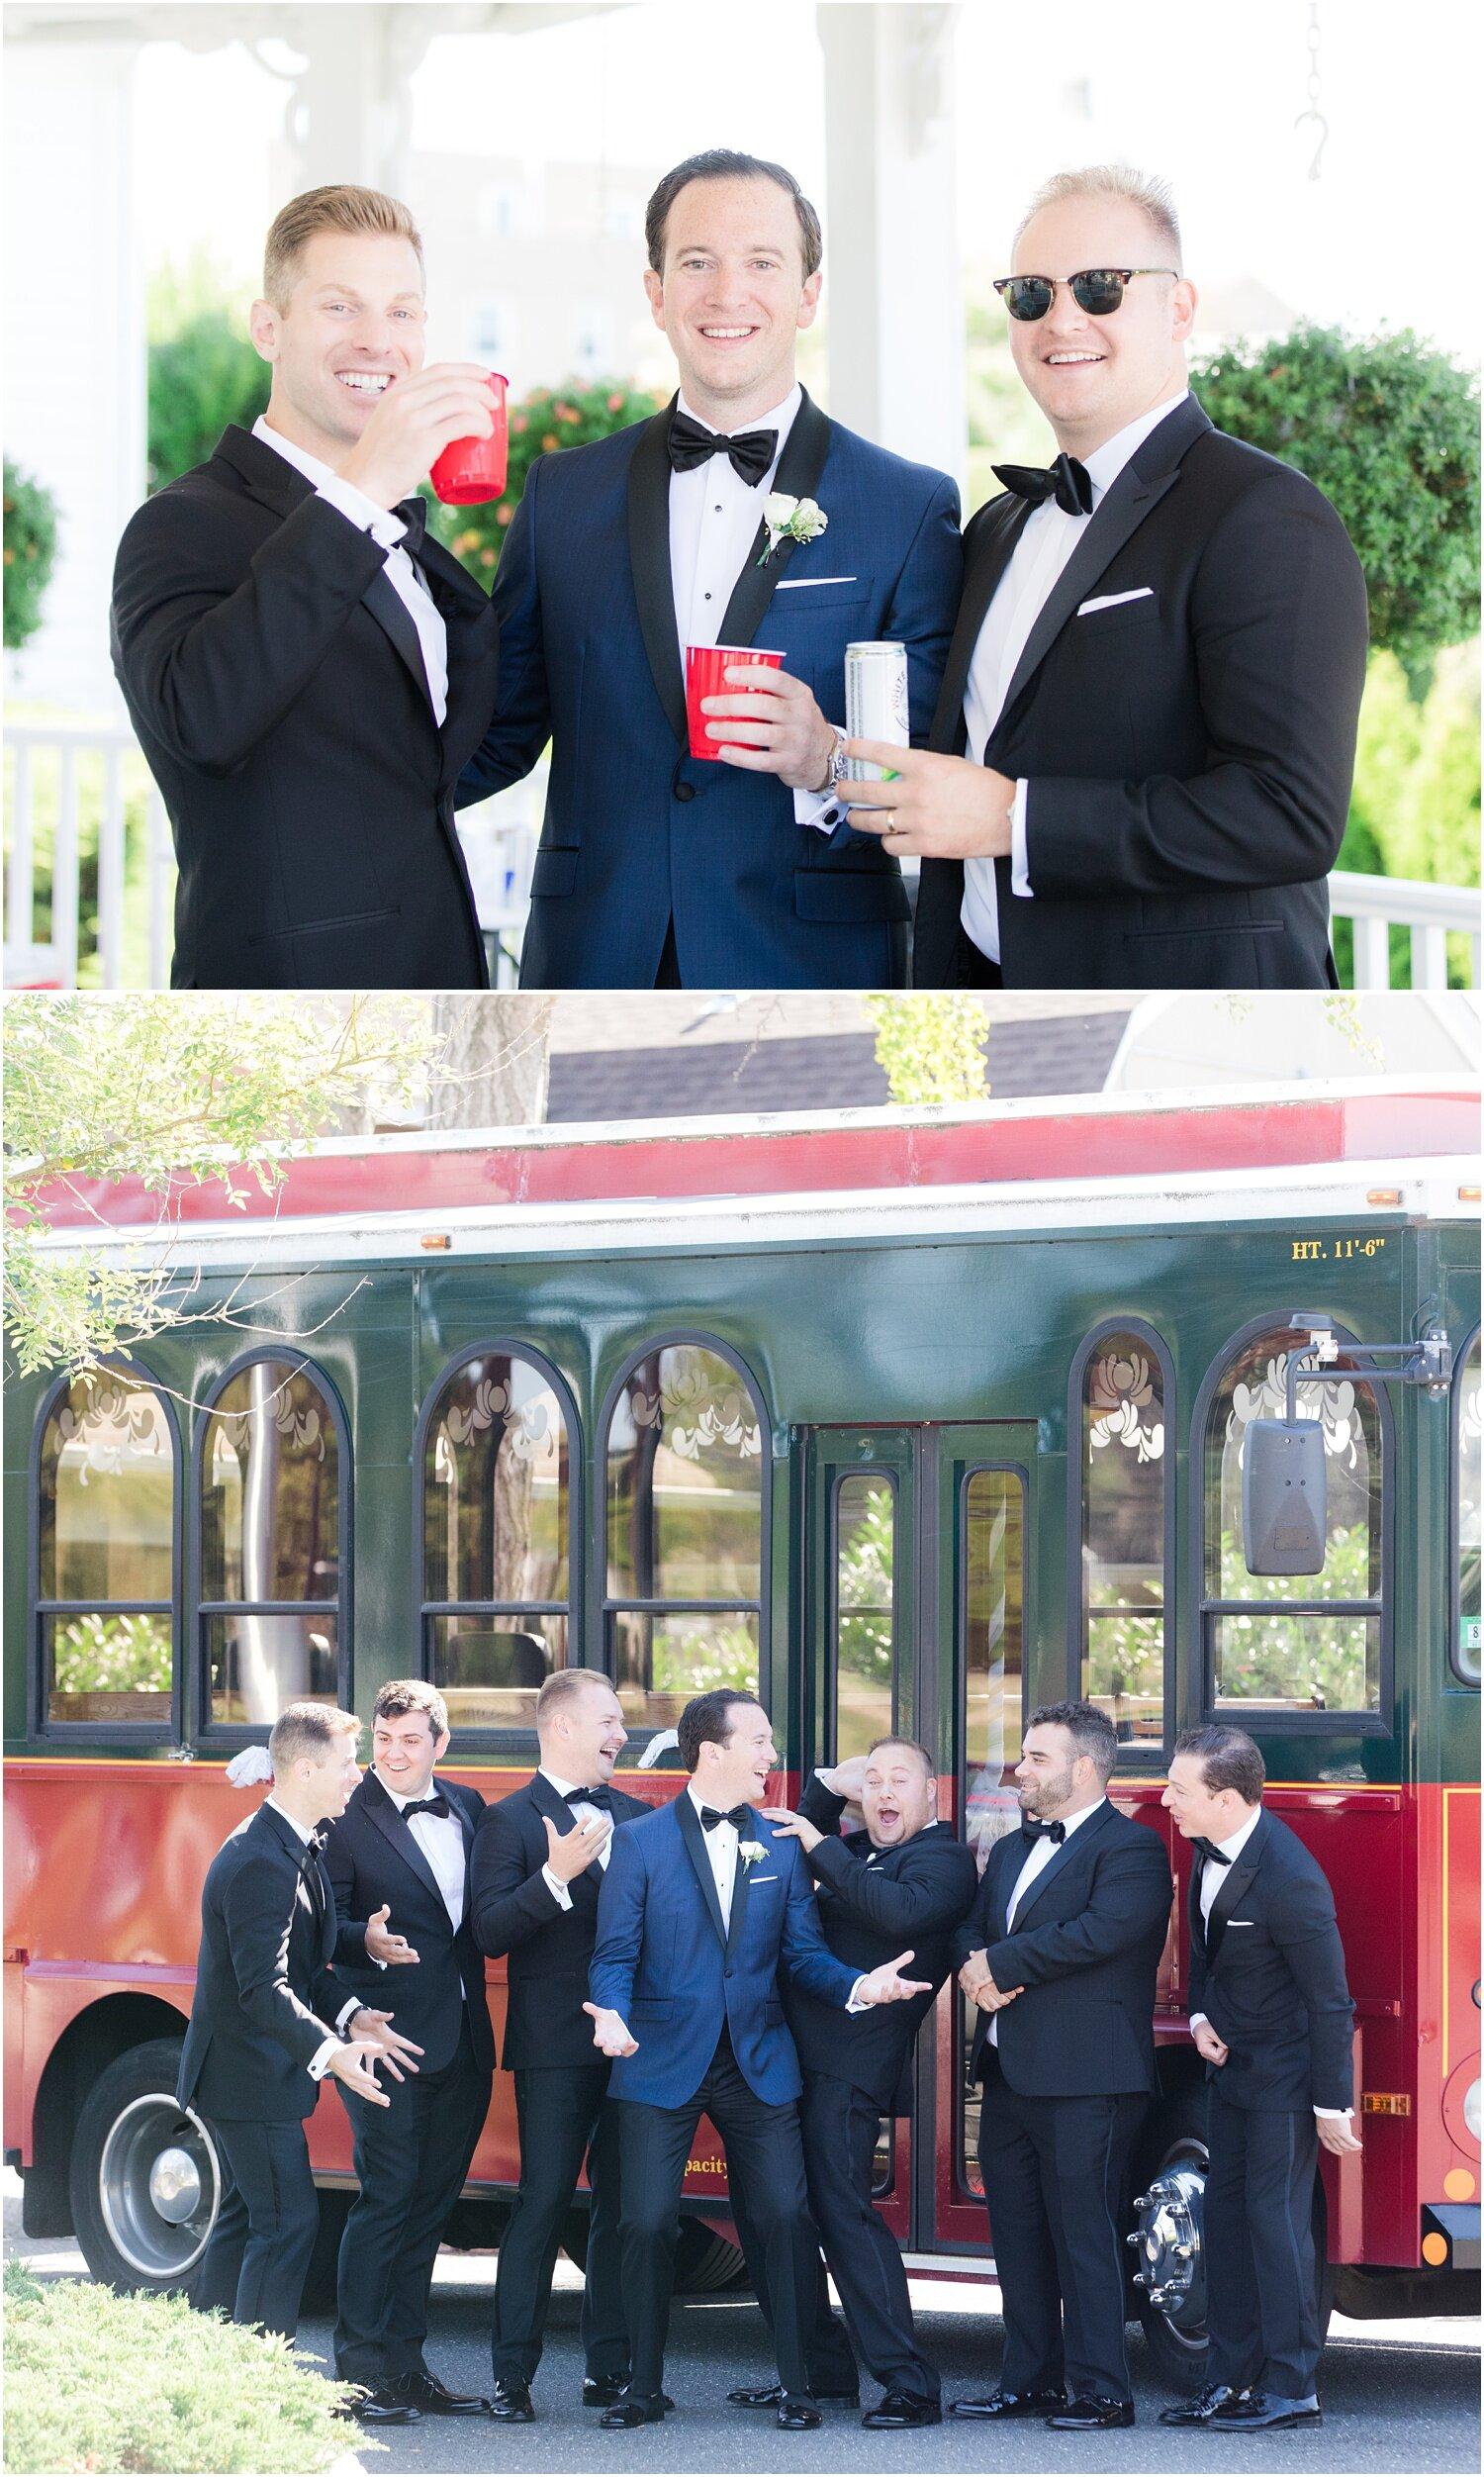 Groomsmen having fun with the trolley